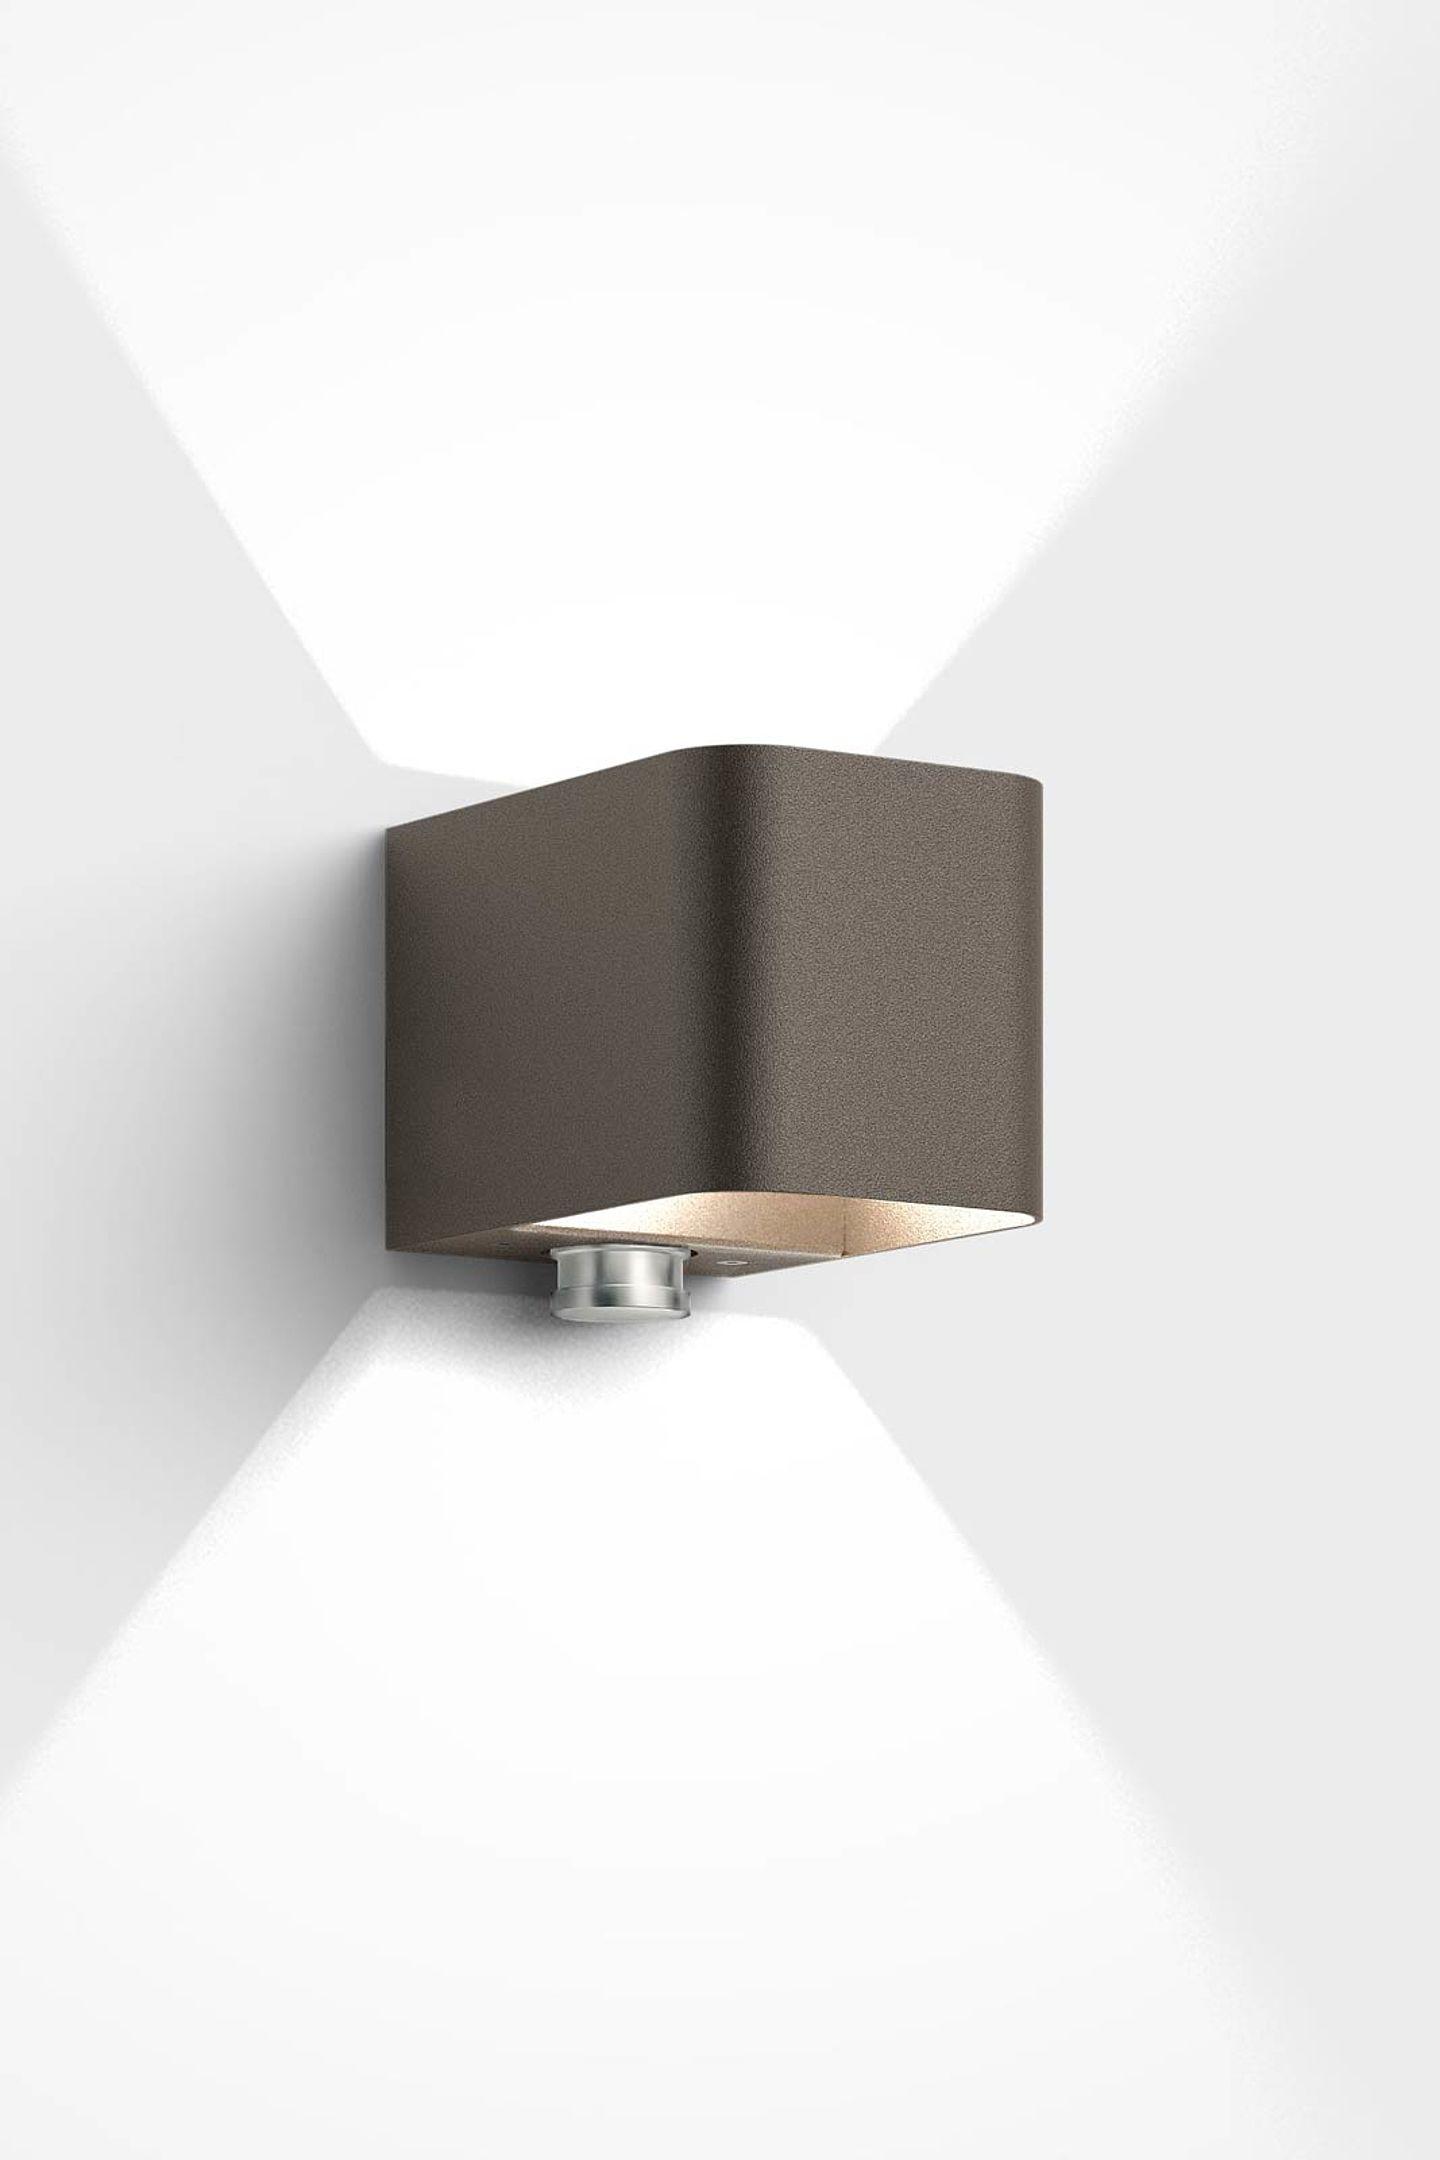 aussenleuchten licht h lt einbrecher fern. Black Bedroom Furniture Sets. Home Design Ideas